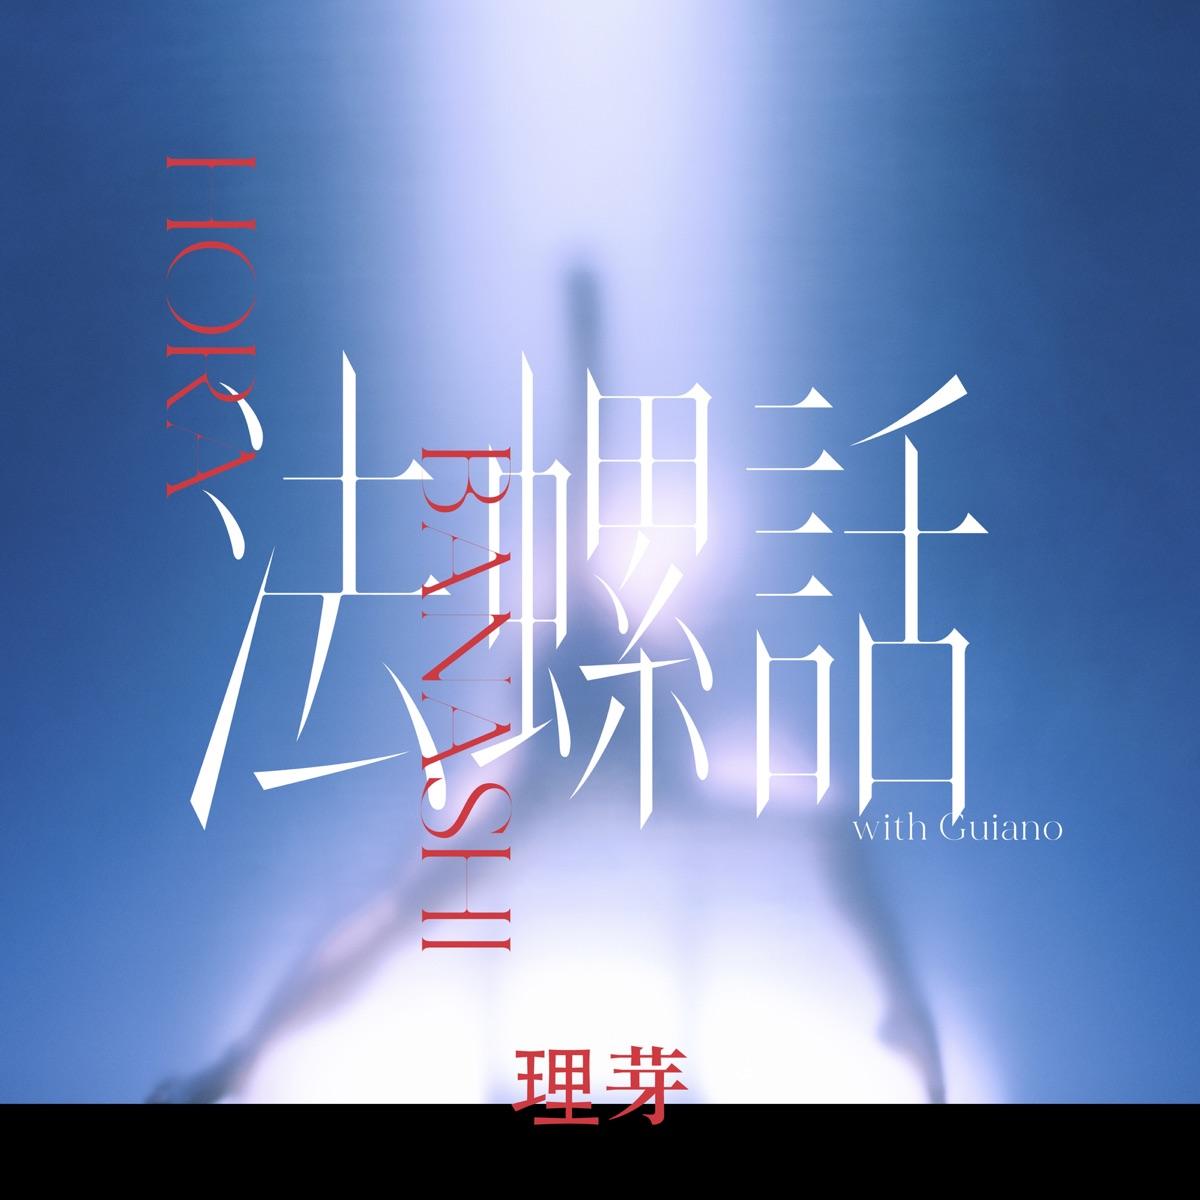 『理芽 - 法螺話 (with Guiano) 歌詞』収録の『法螺話 (with Guiano)』ジャケット